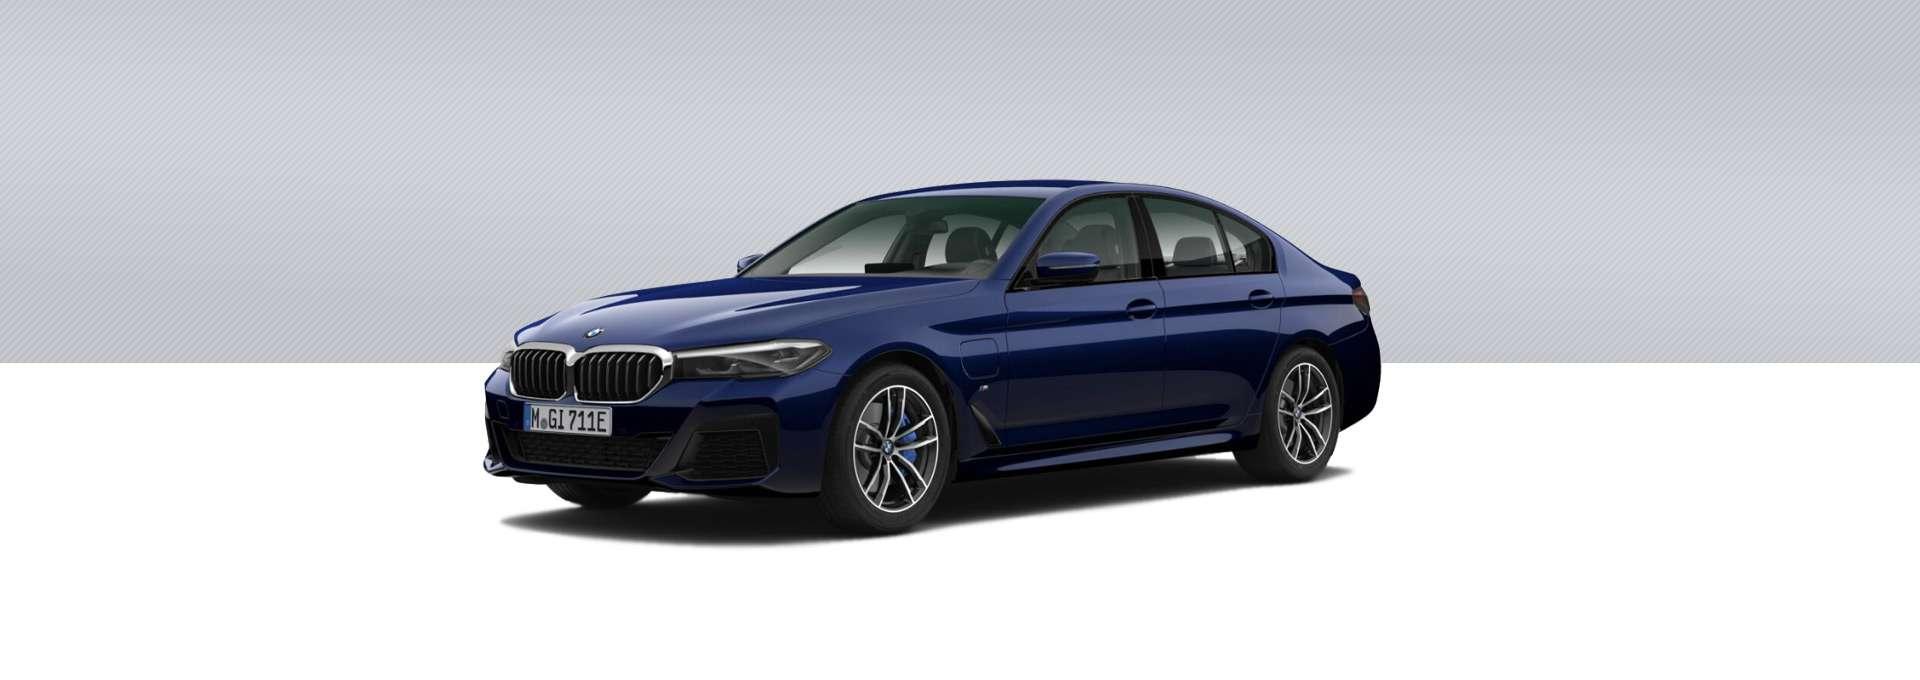 BMW Nuevo Serie 5 Híbrido Enchufable